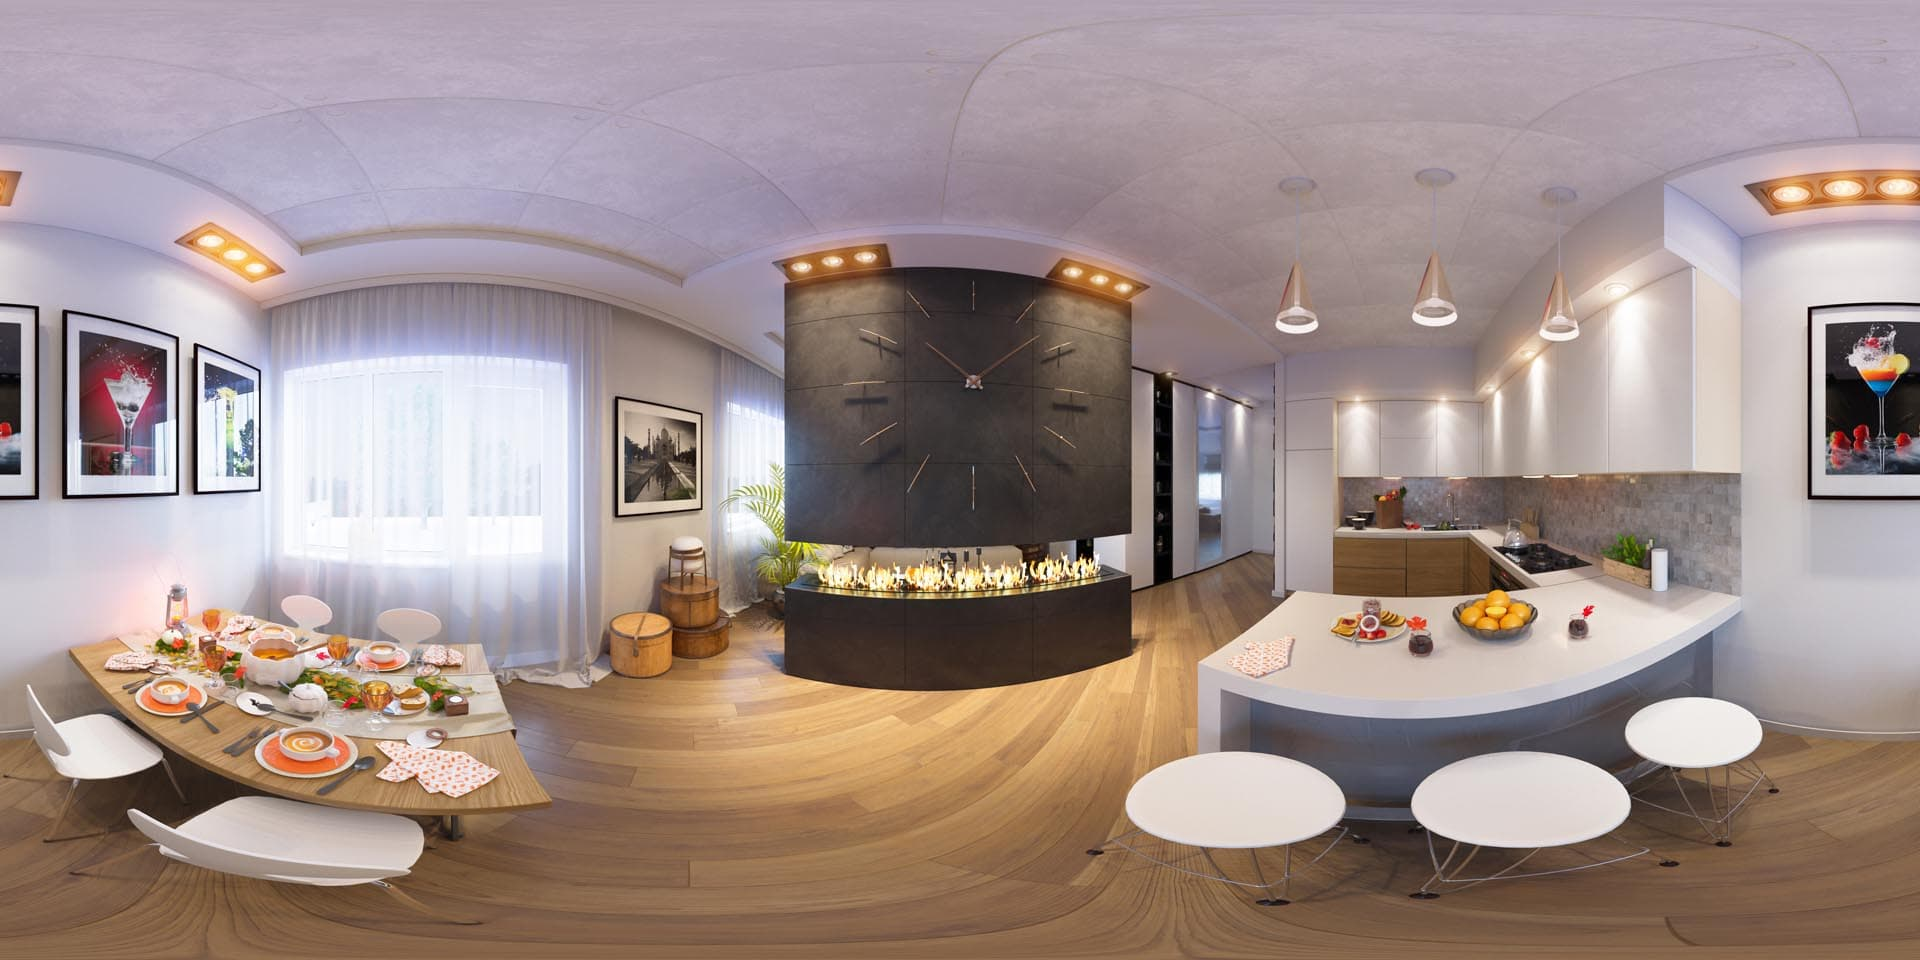 360 Grad Fotos von Immobilien | ImmoTour360